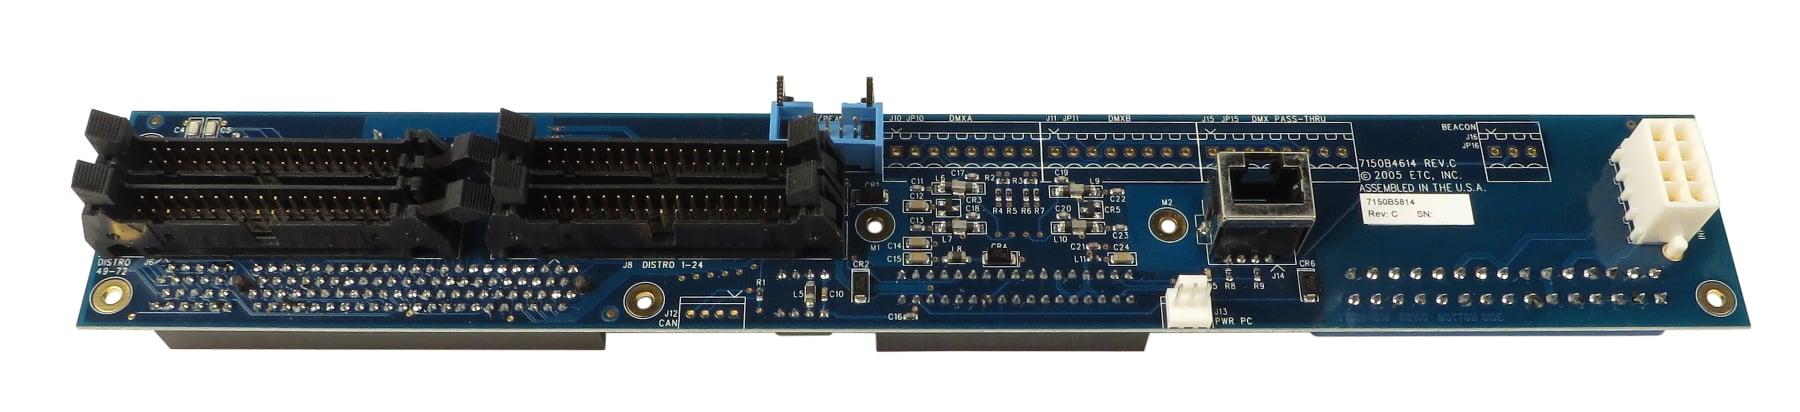 Backplane PCB Assembly for SP1220AV